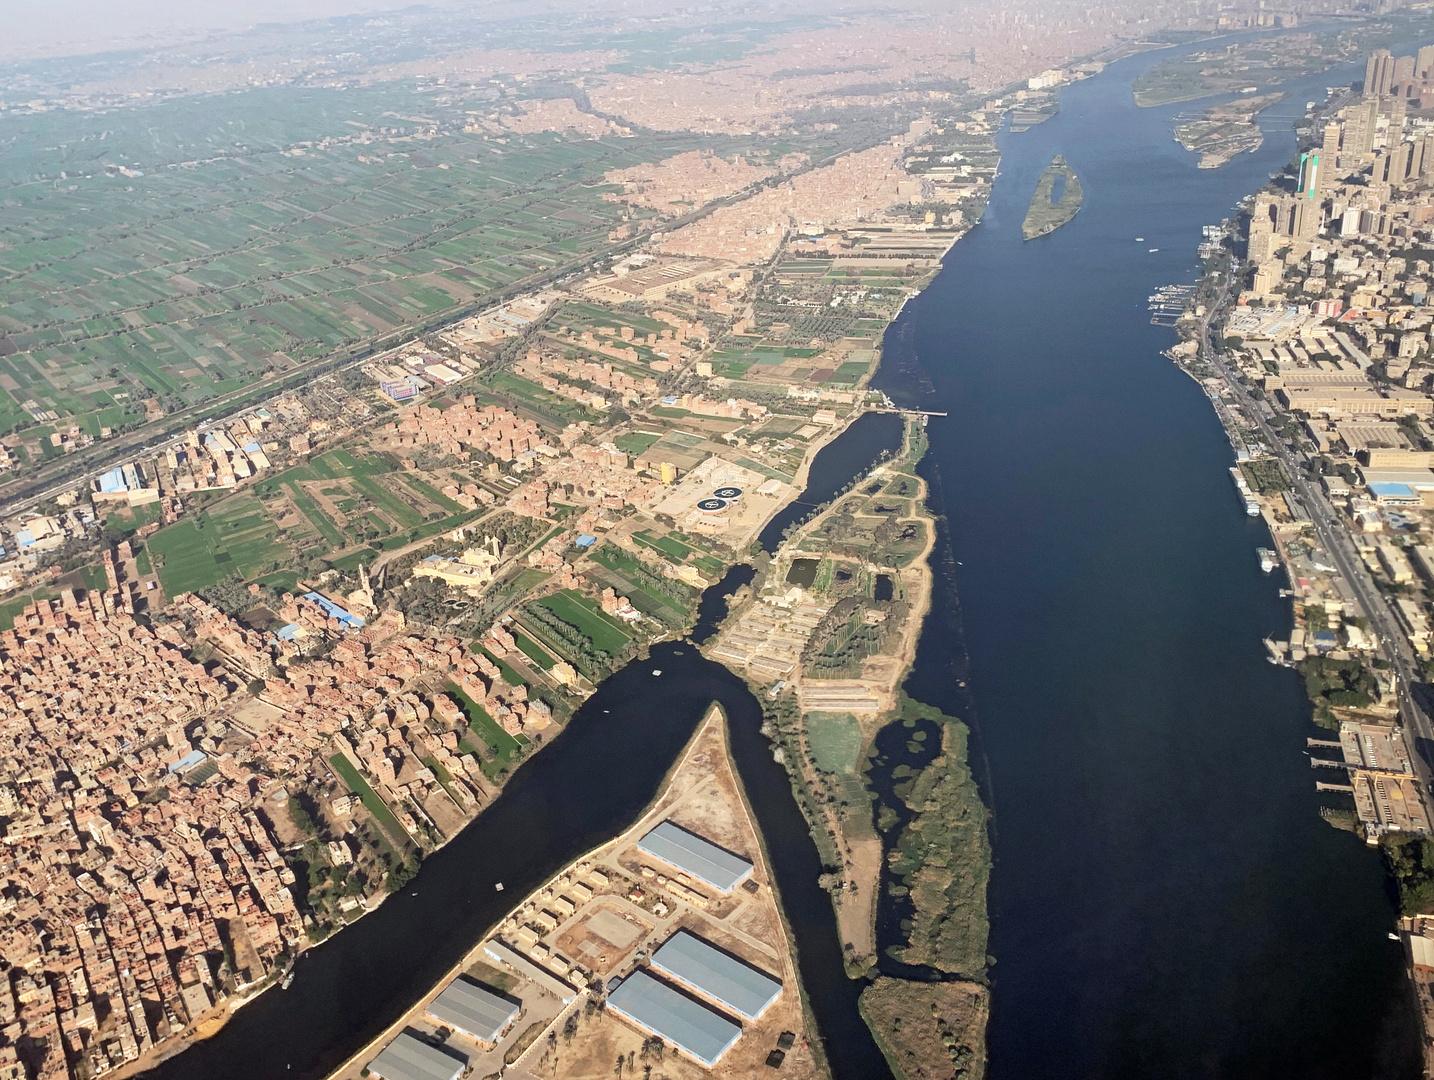 وزير خارجية إثيوبيا: النيل لنا.. وأصبح الآن في بحيرة